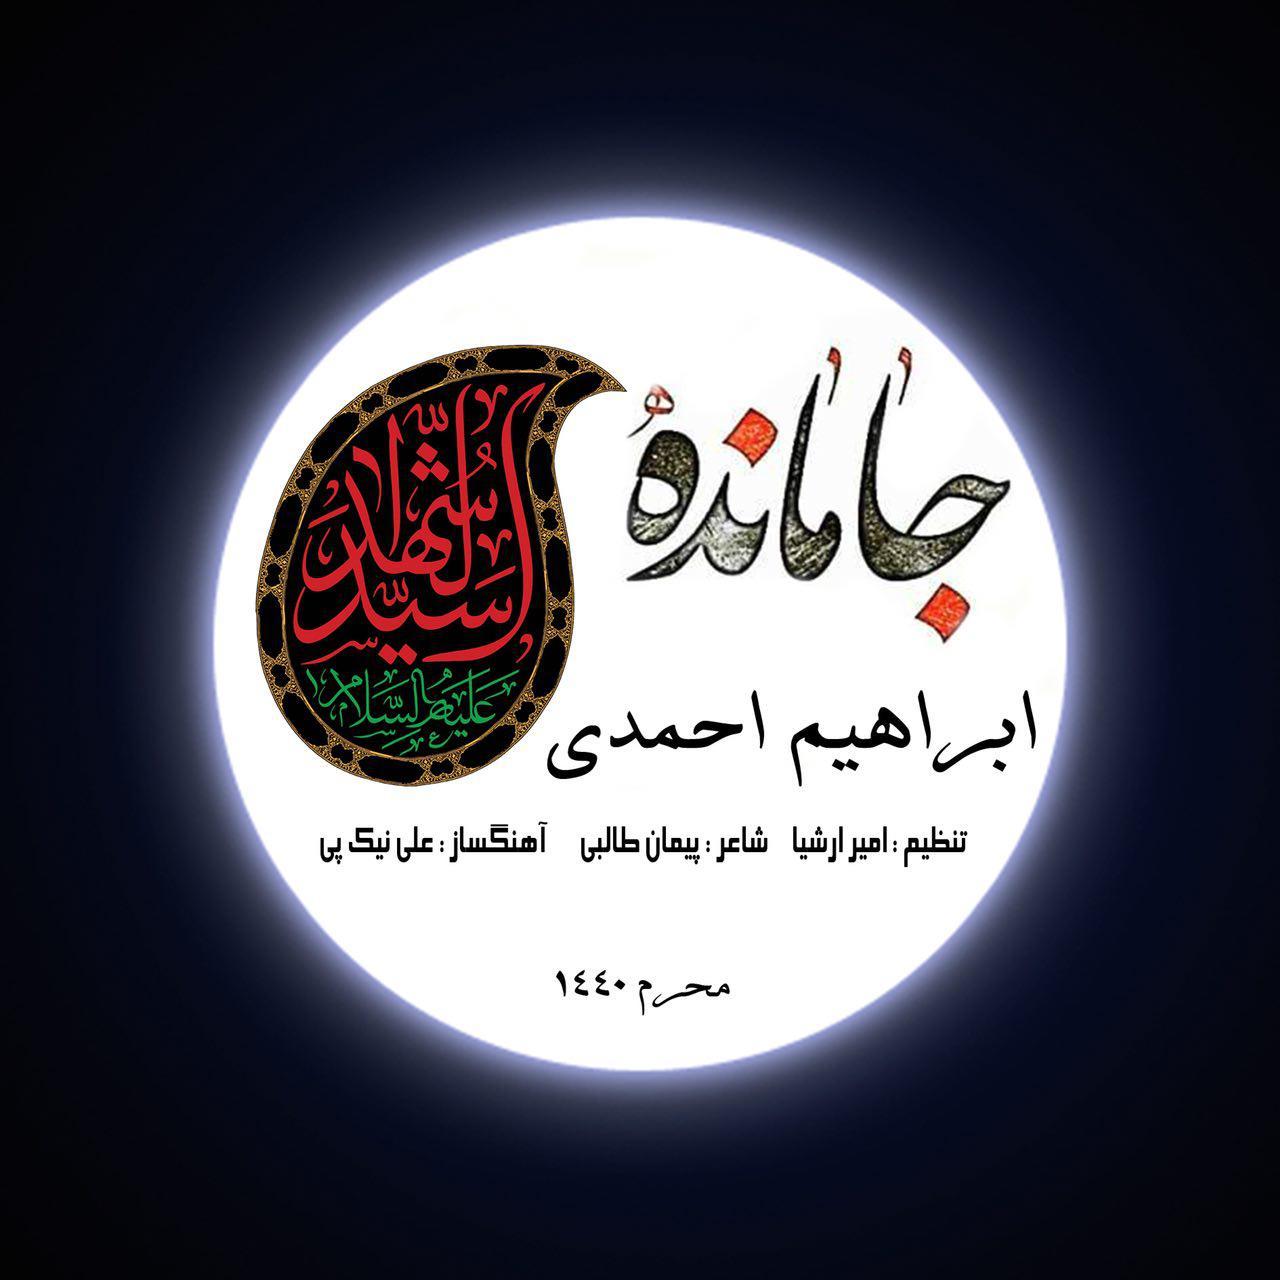 ابراهیم احمدی به نام جامانده